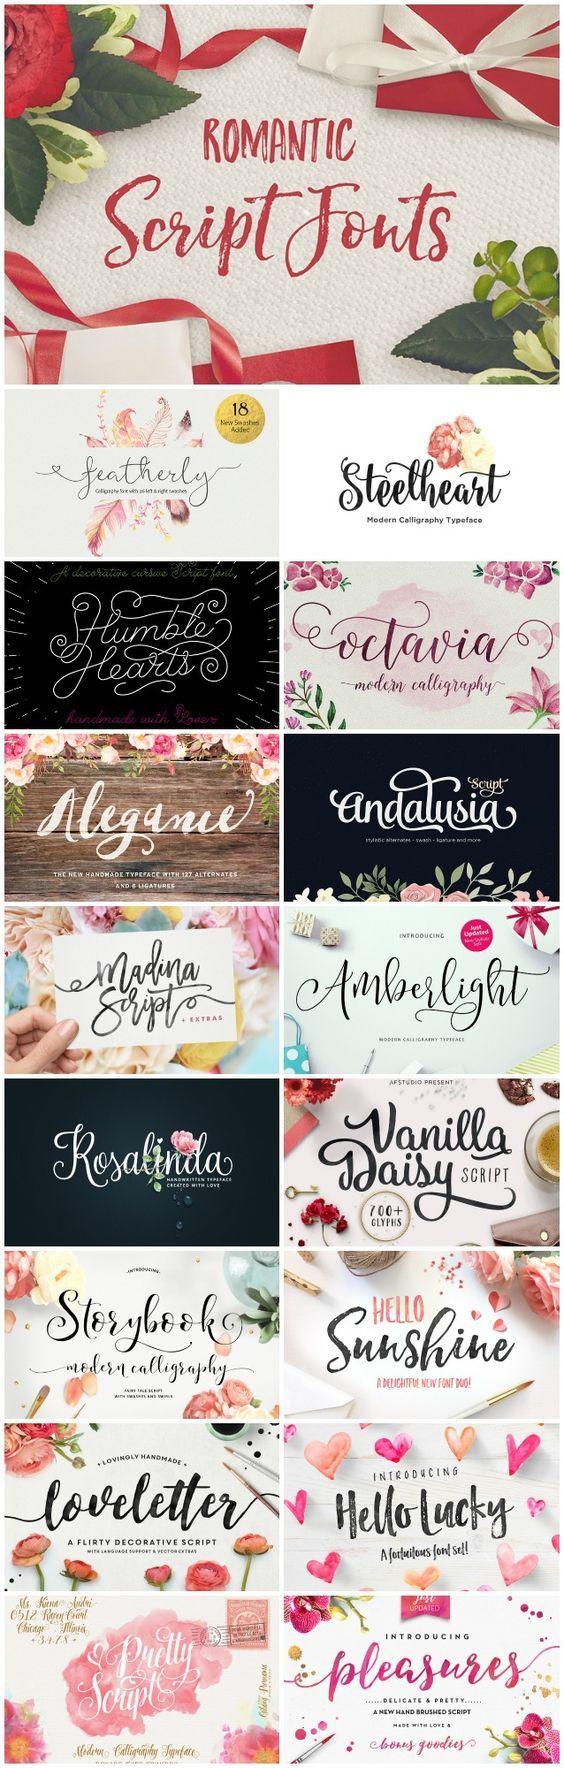 cursive fonts for wedding cards%0A    Romantic Script Fonts